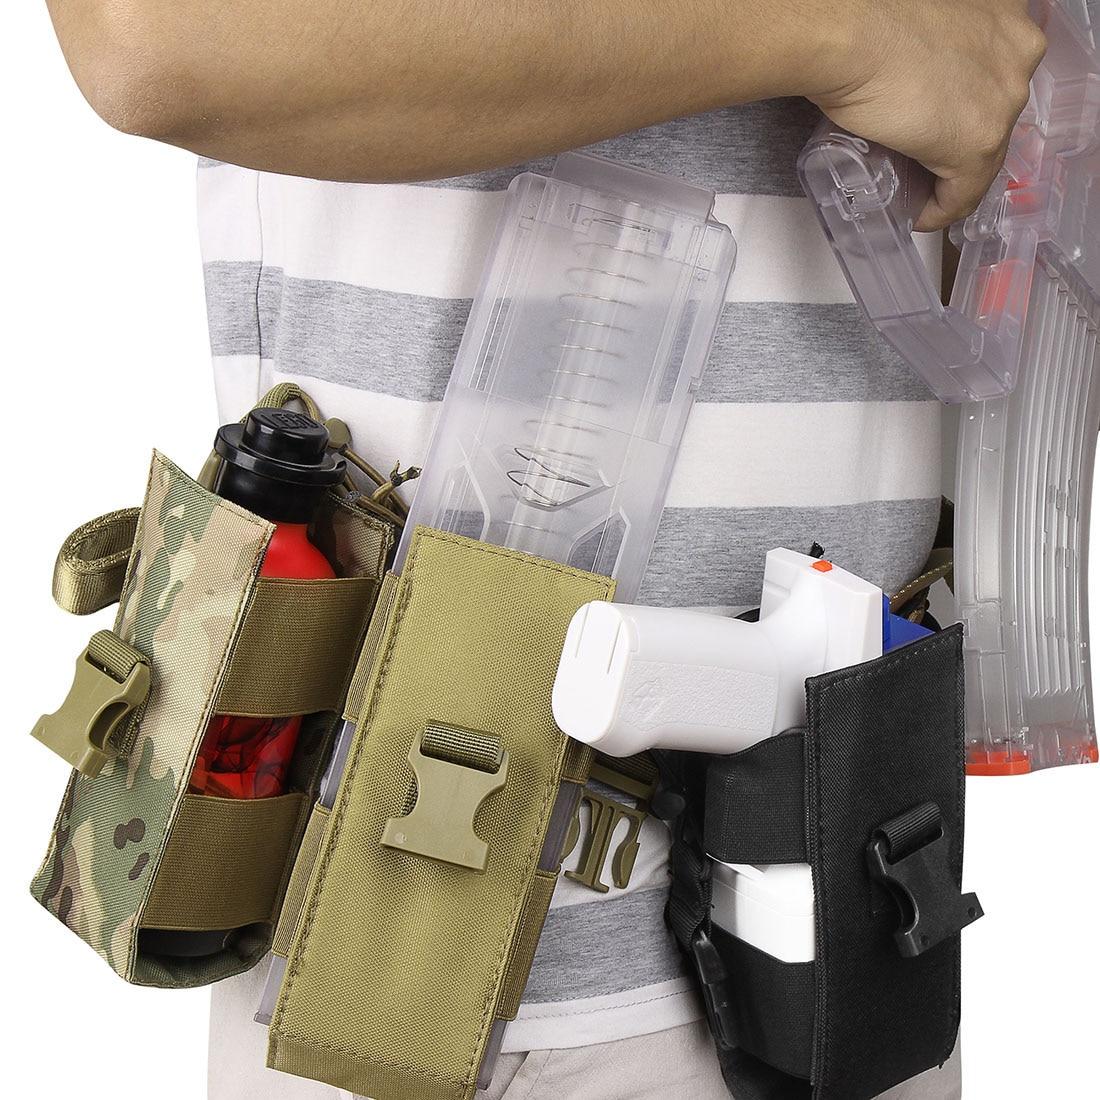 MODIKER Cloth 40 Round Magazine Pouch Magazine Holder For Worker Hurricane Blaster - Camouflage